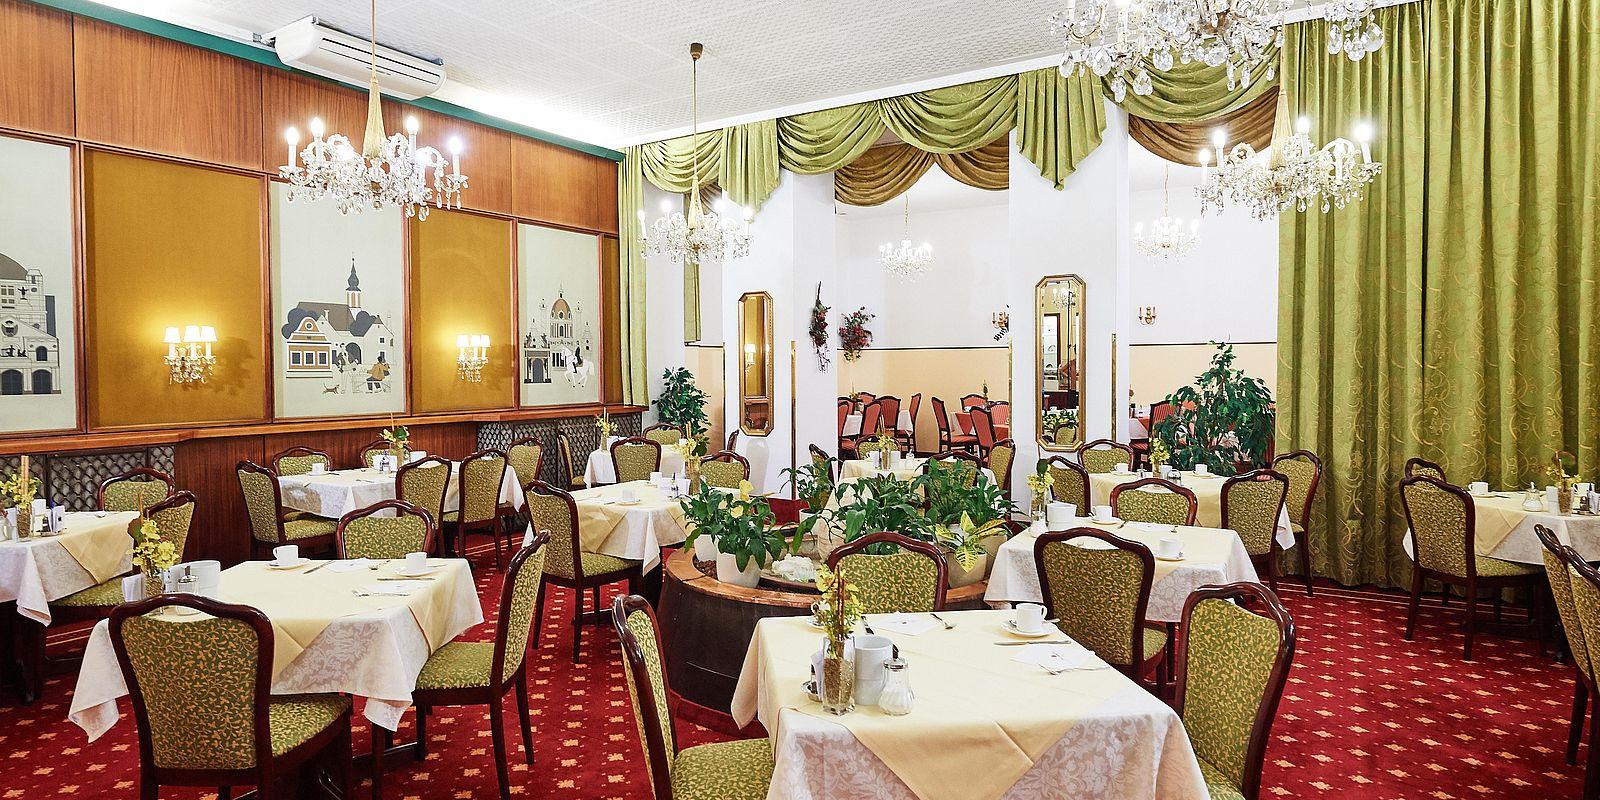 Frühstücksraum im Hotel Austria, Wien